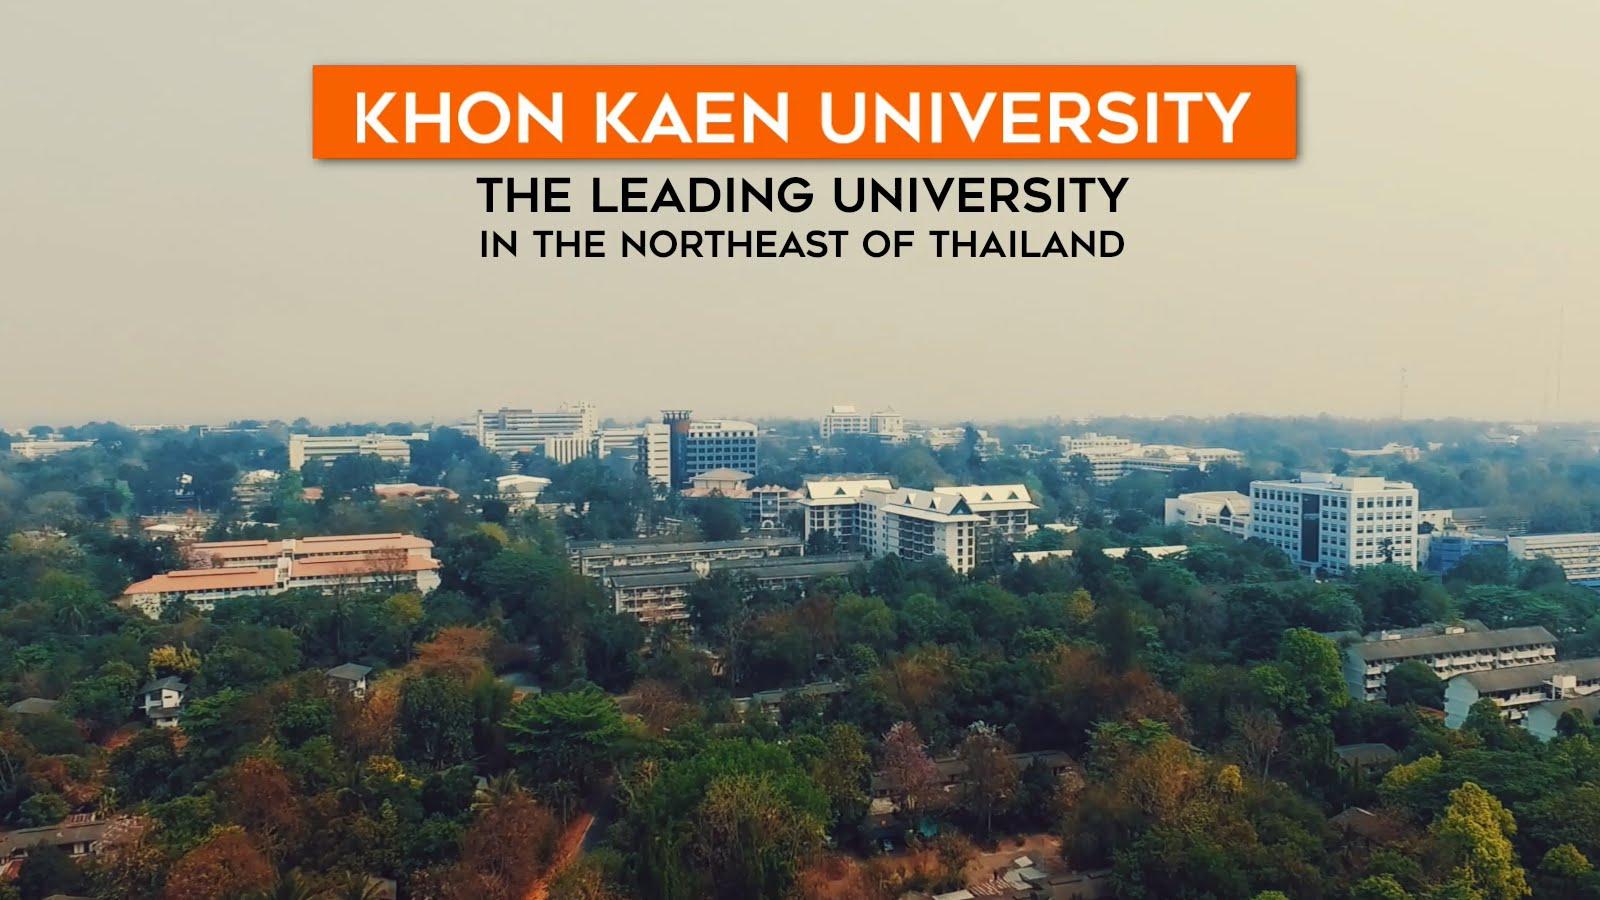 [Thailand] Học Bổng Toàn Phần Sau Đại Học Tại Trường Đại Học Khon Kaen Dành Cho Sinh Viên ASEAN Và GMS 2017